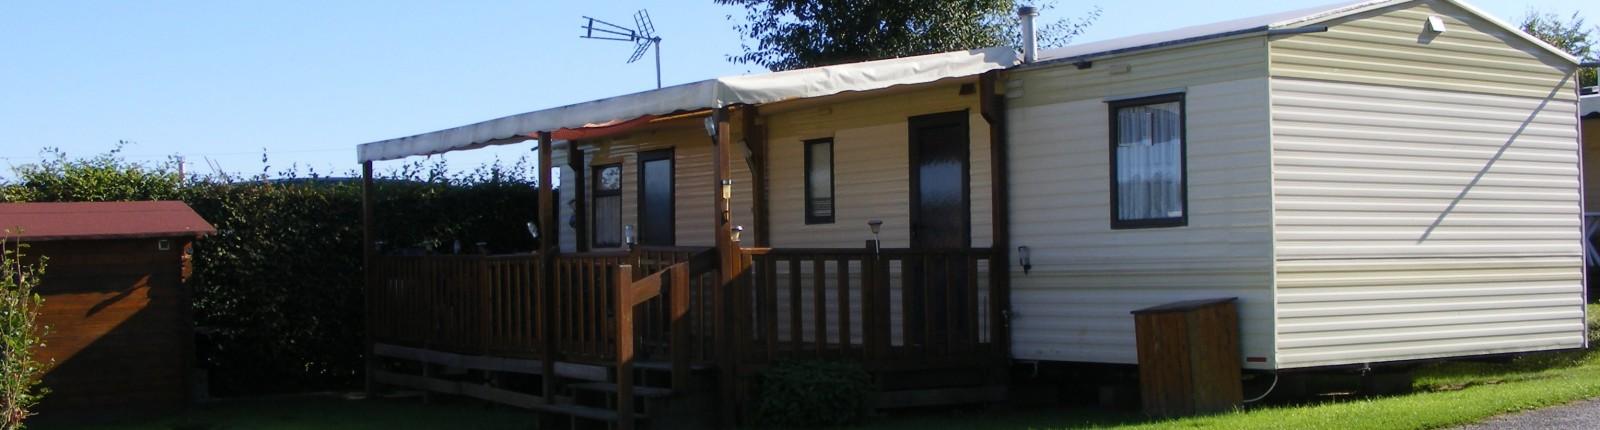 Achat vente mobil home nord pas de calais camping des for Camping pas de calais piscine